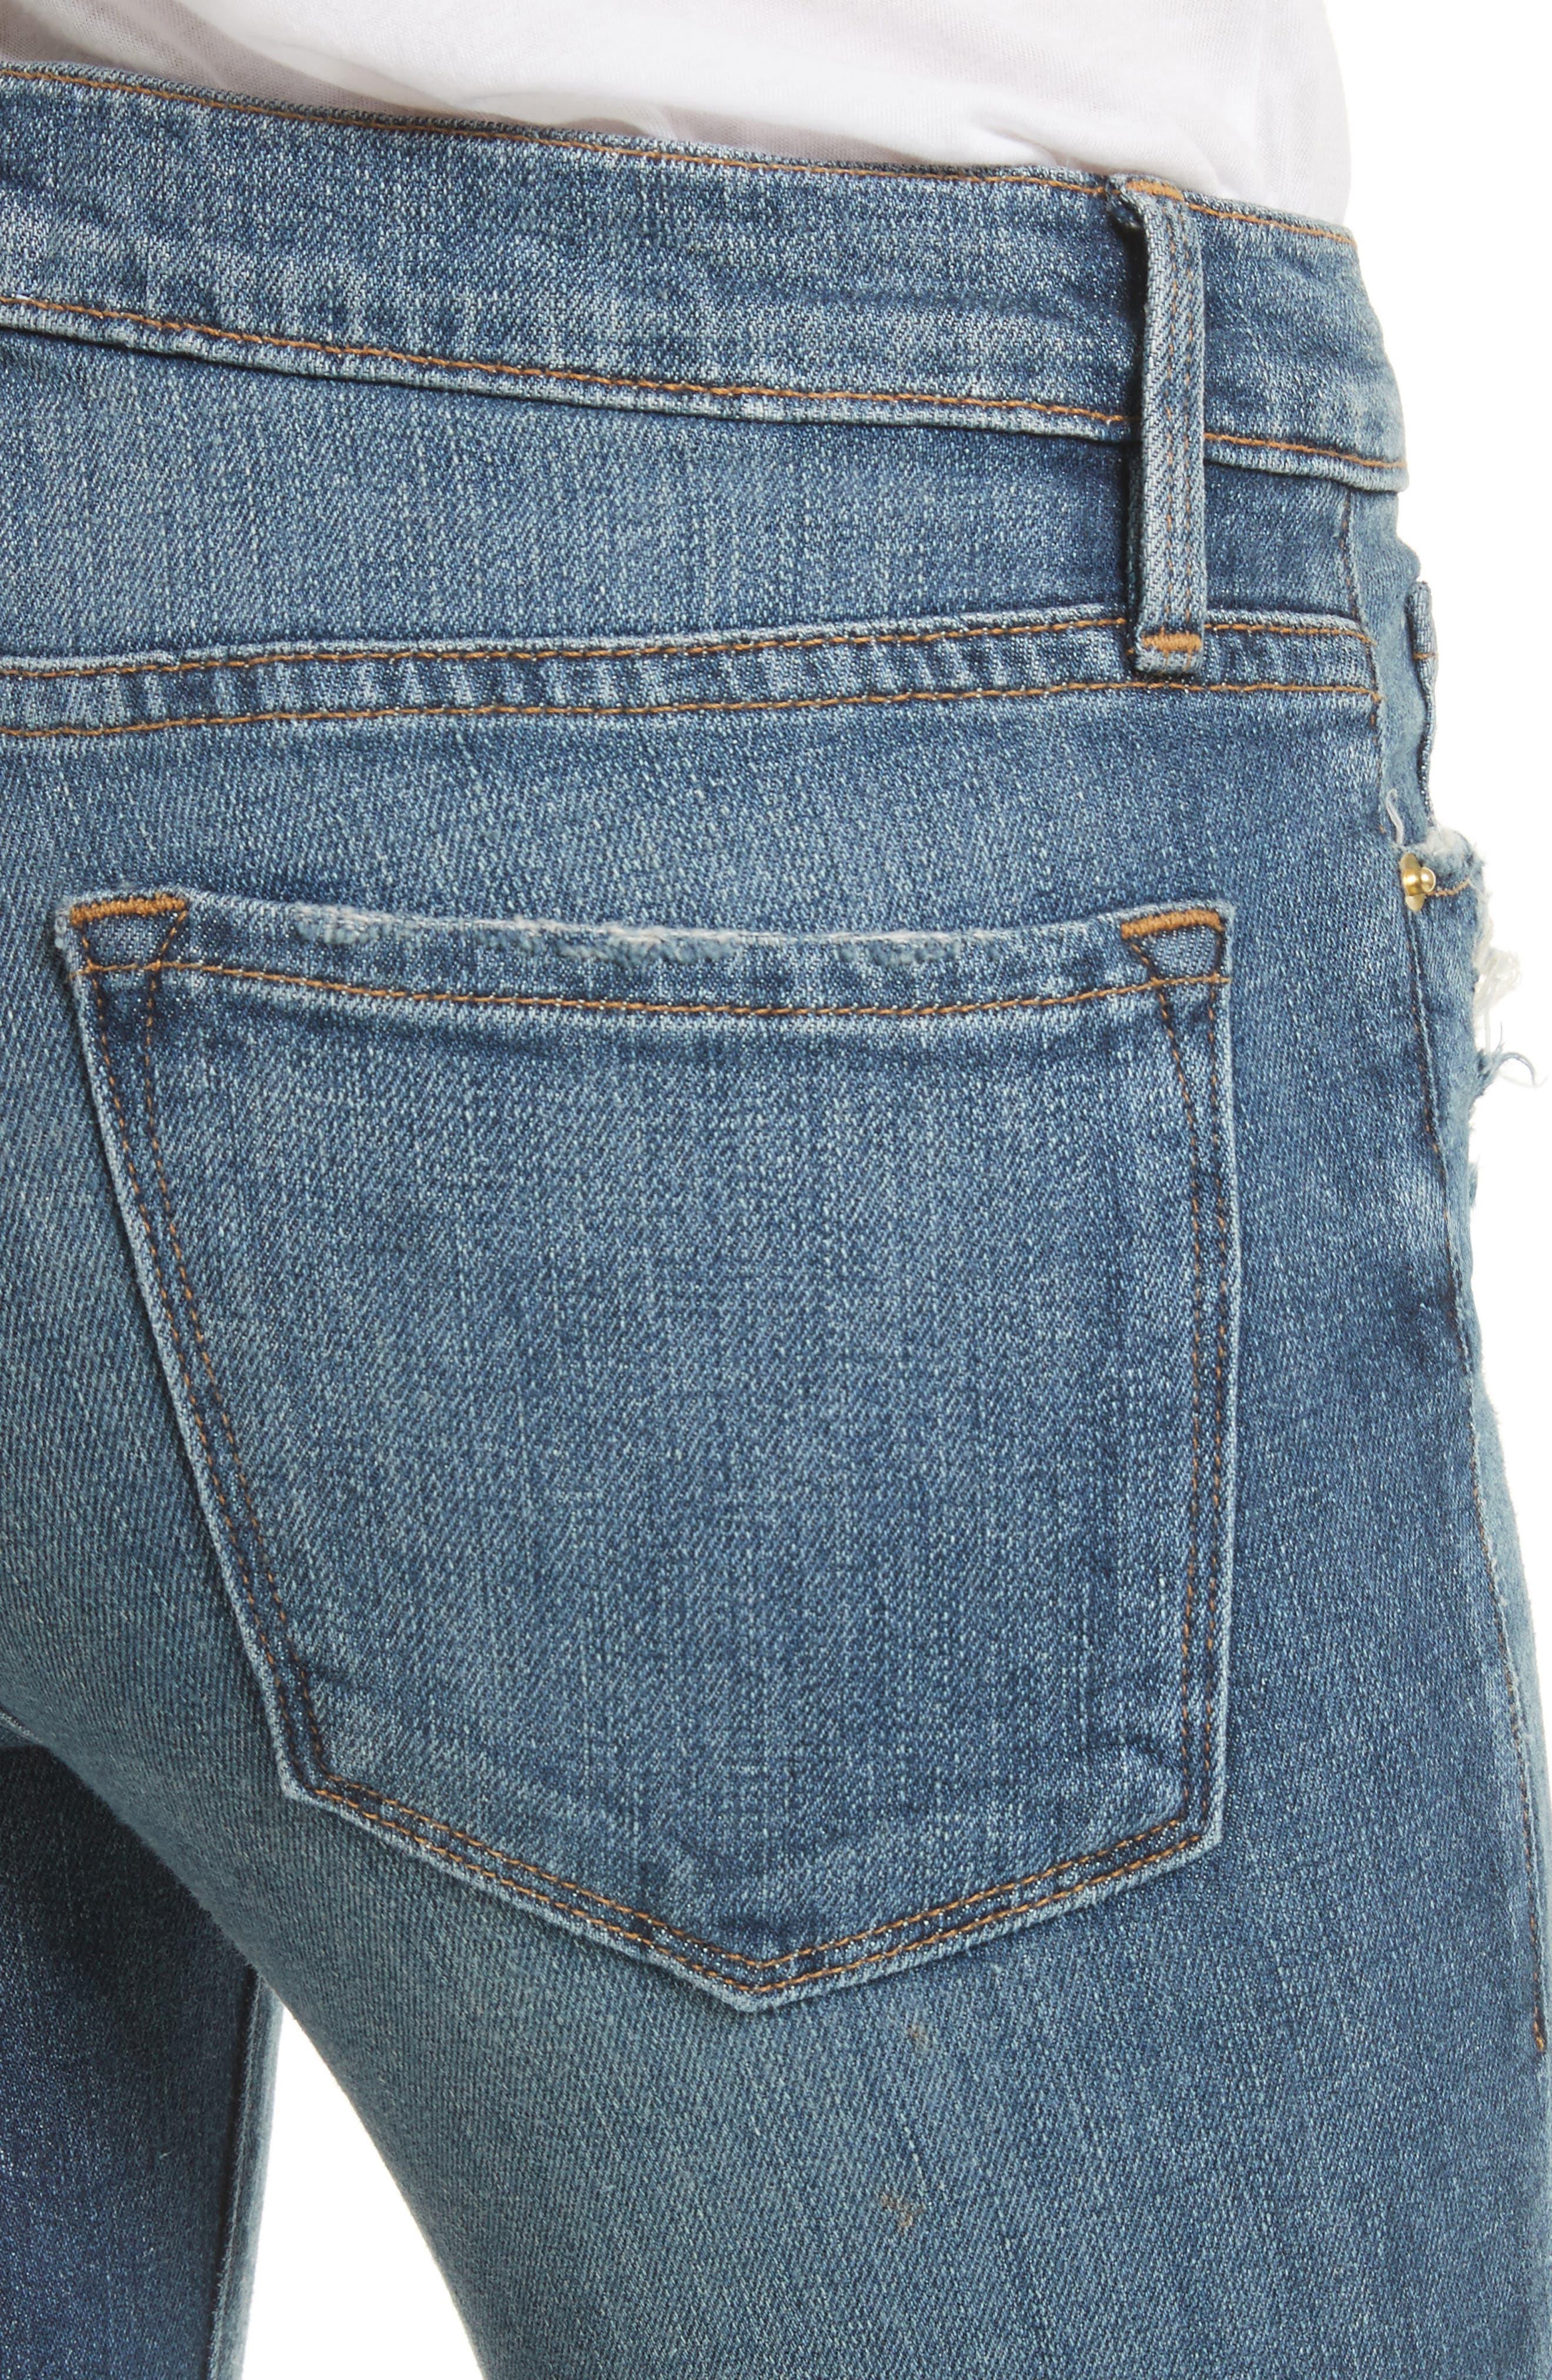 Alternate Image 5  - FRAME Le Skinny de Jeanne Crop Release Hem Jeans (Roberts) (Nordstrom Exclusive)